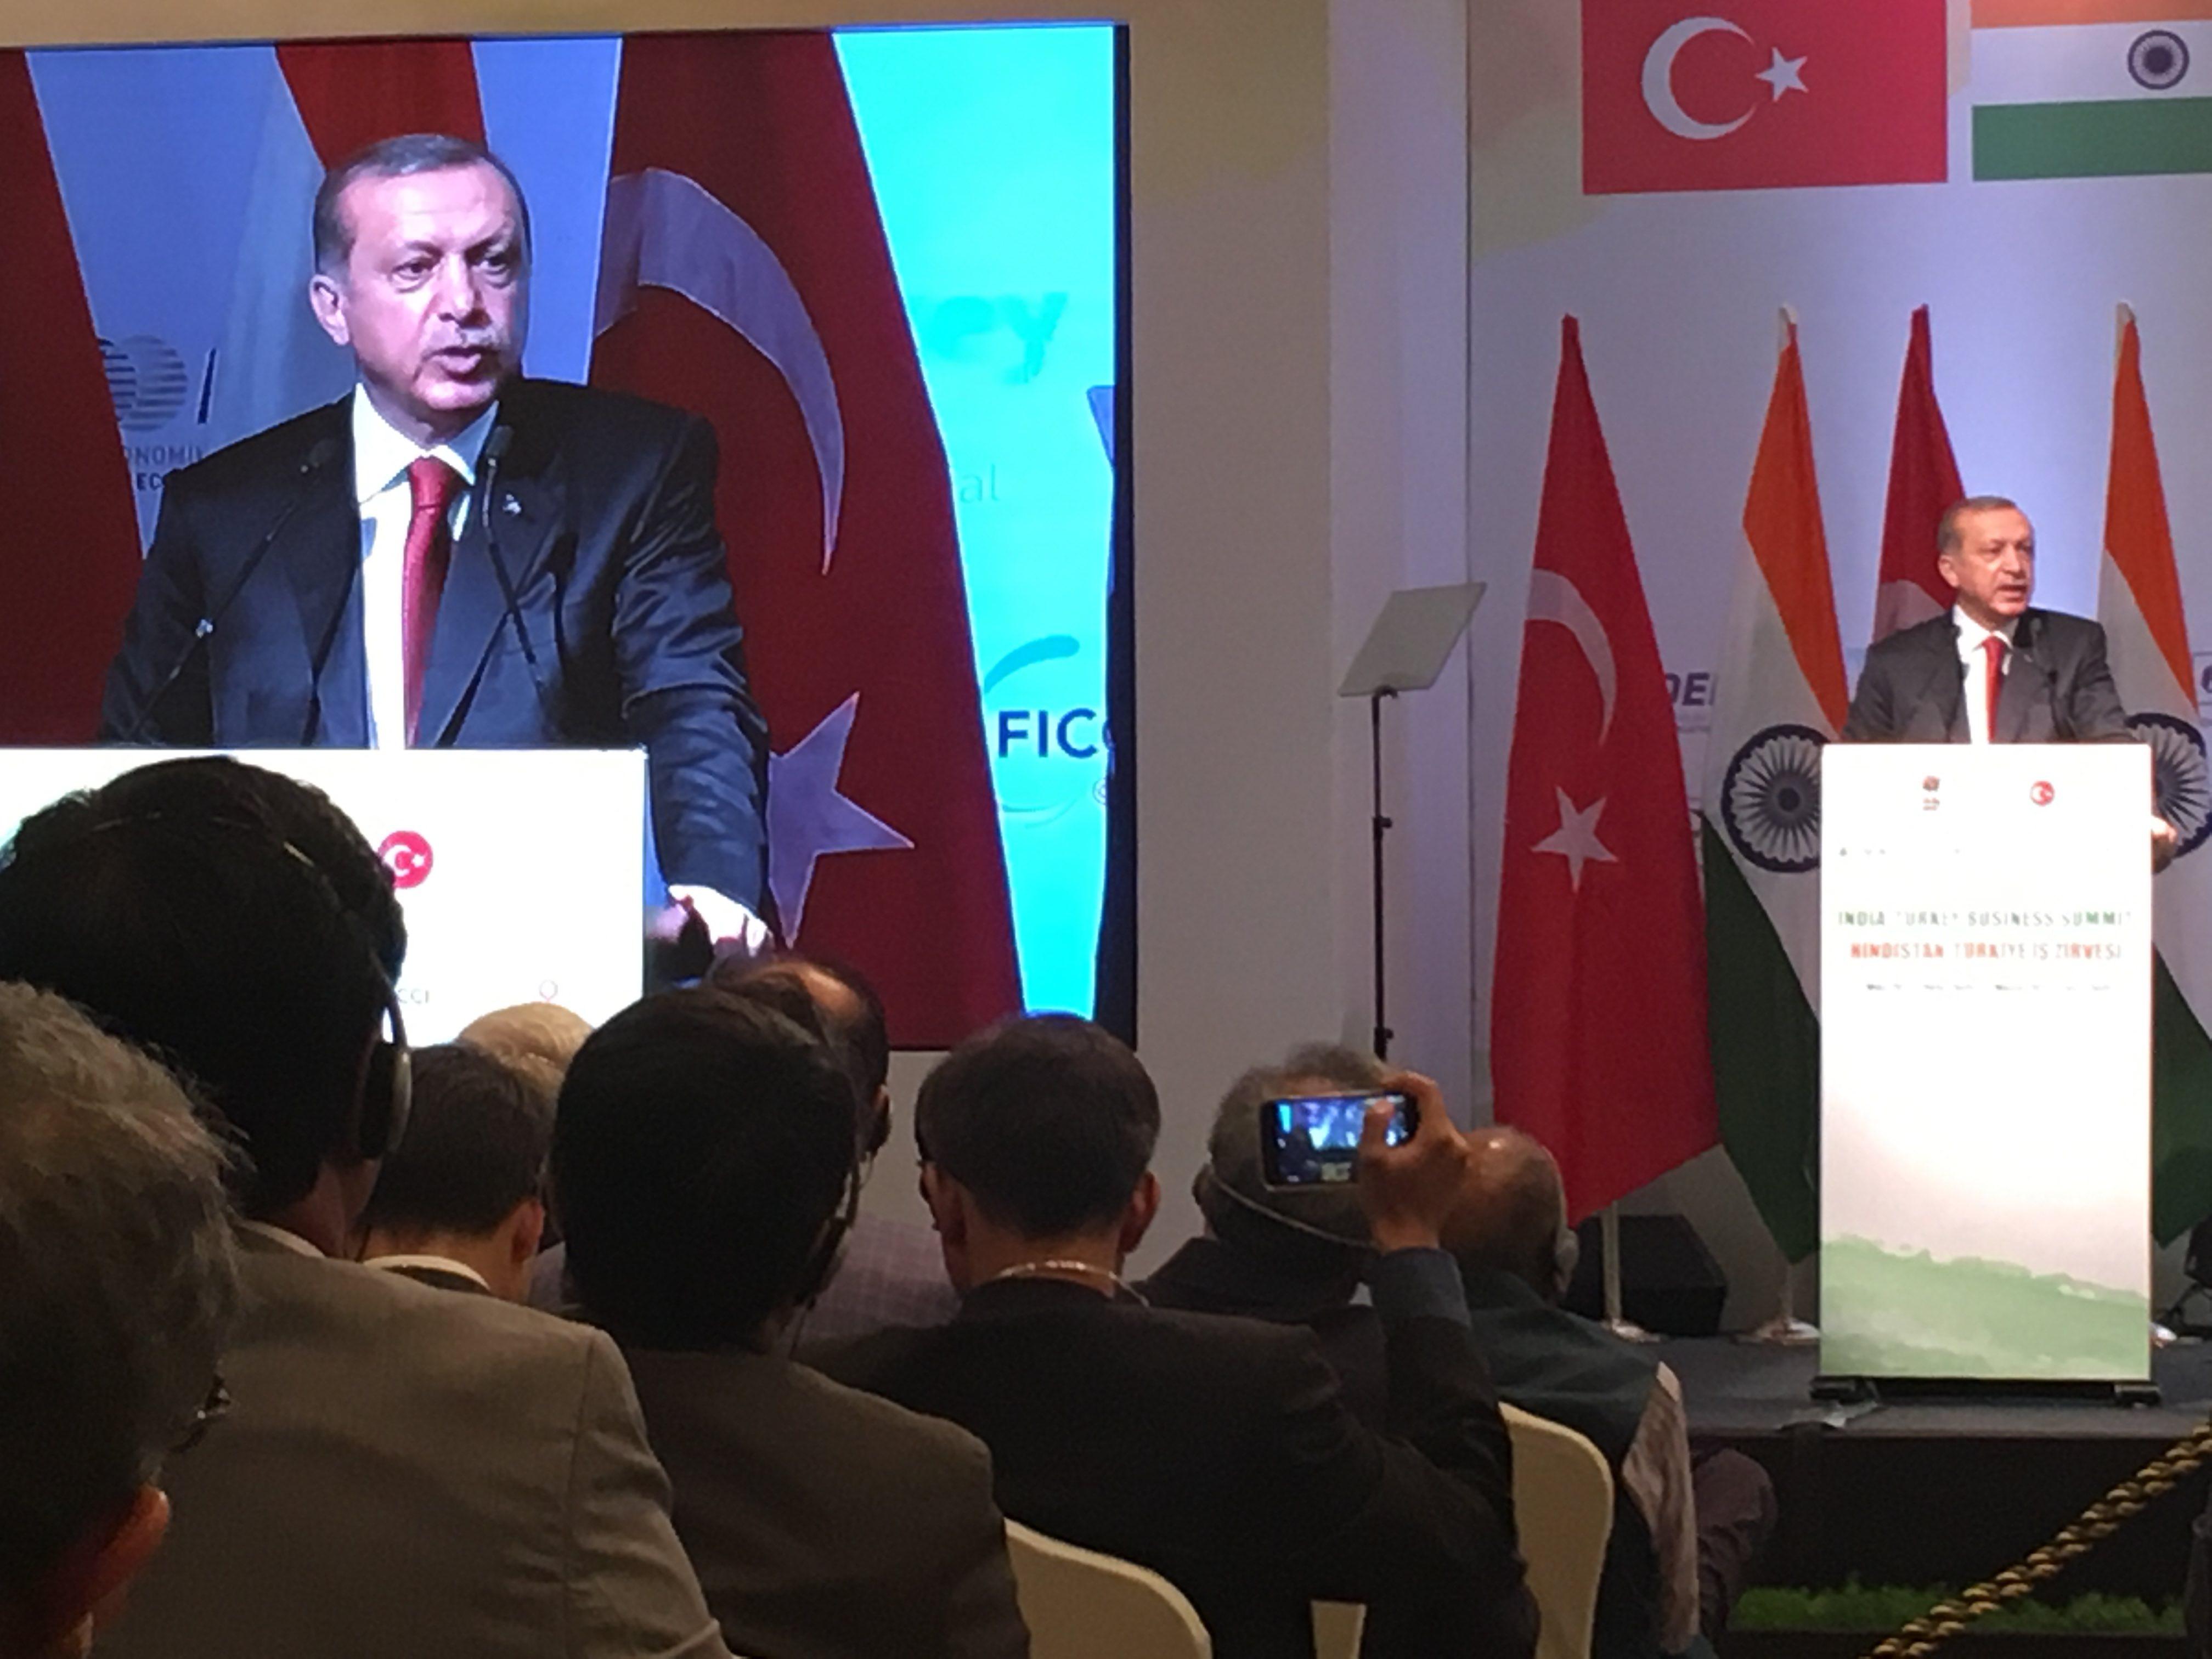 Recep Tayyip Erdogan speaking in New Delhi. Credit: Shome Basu